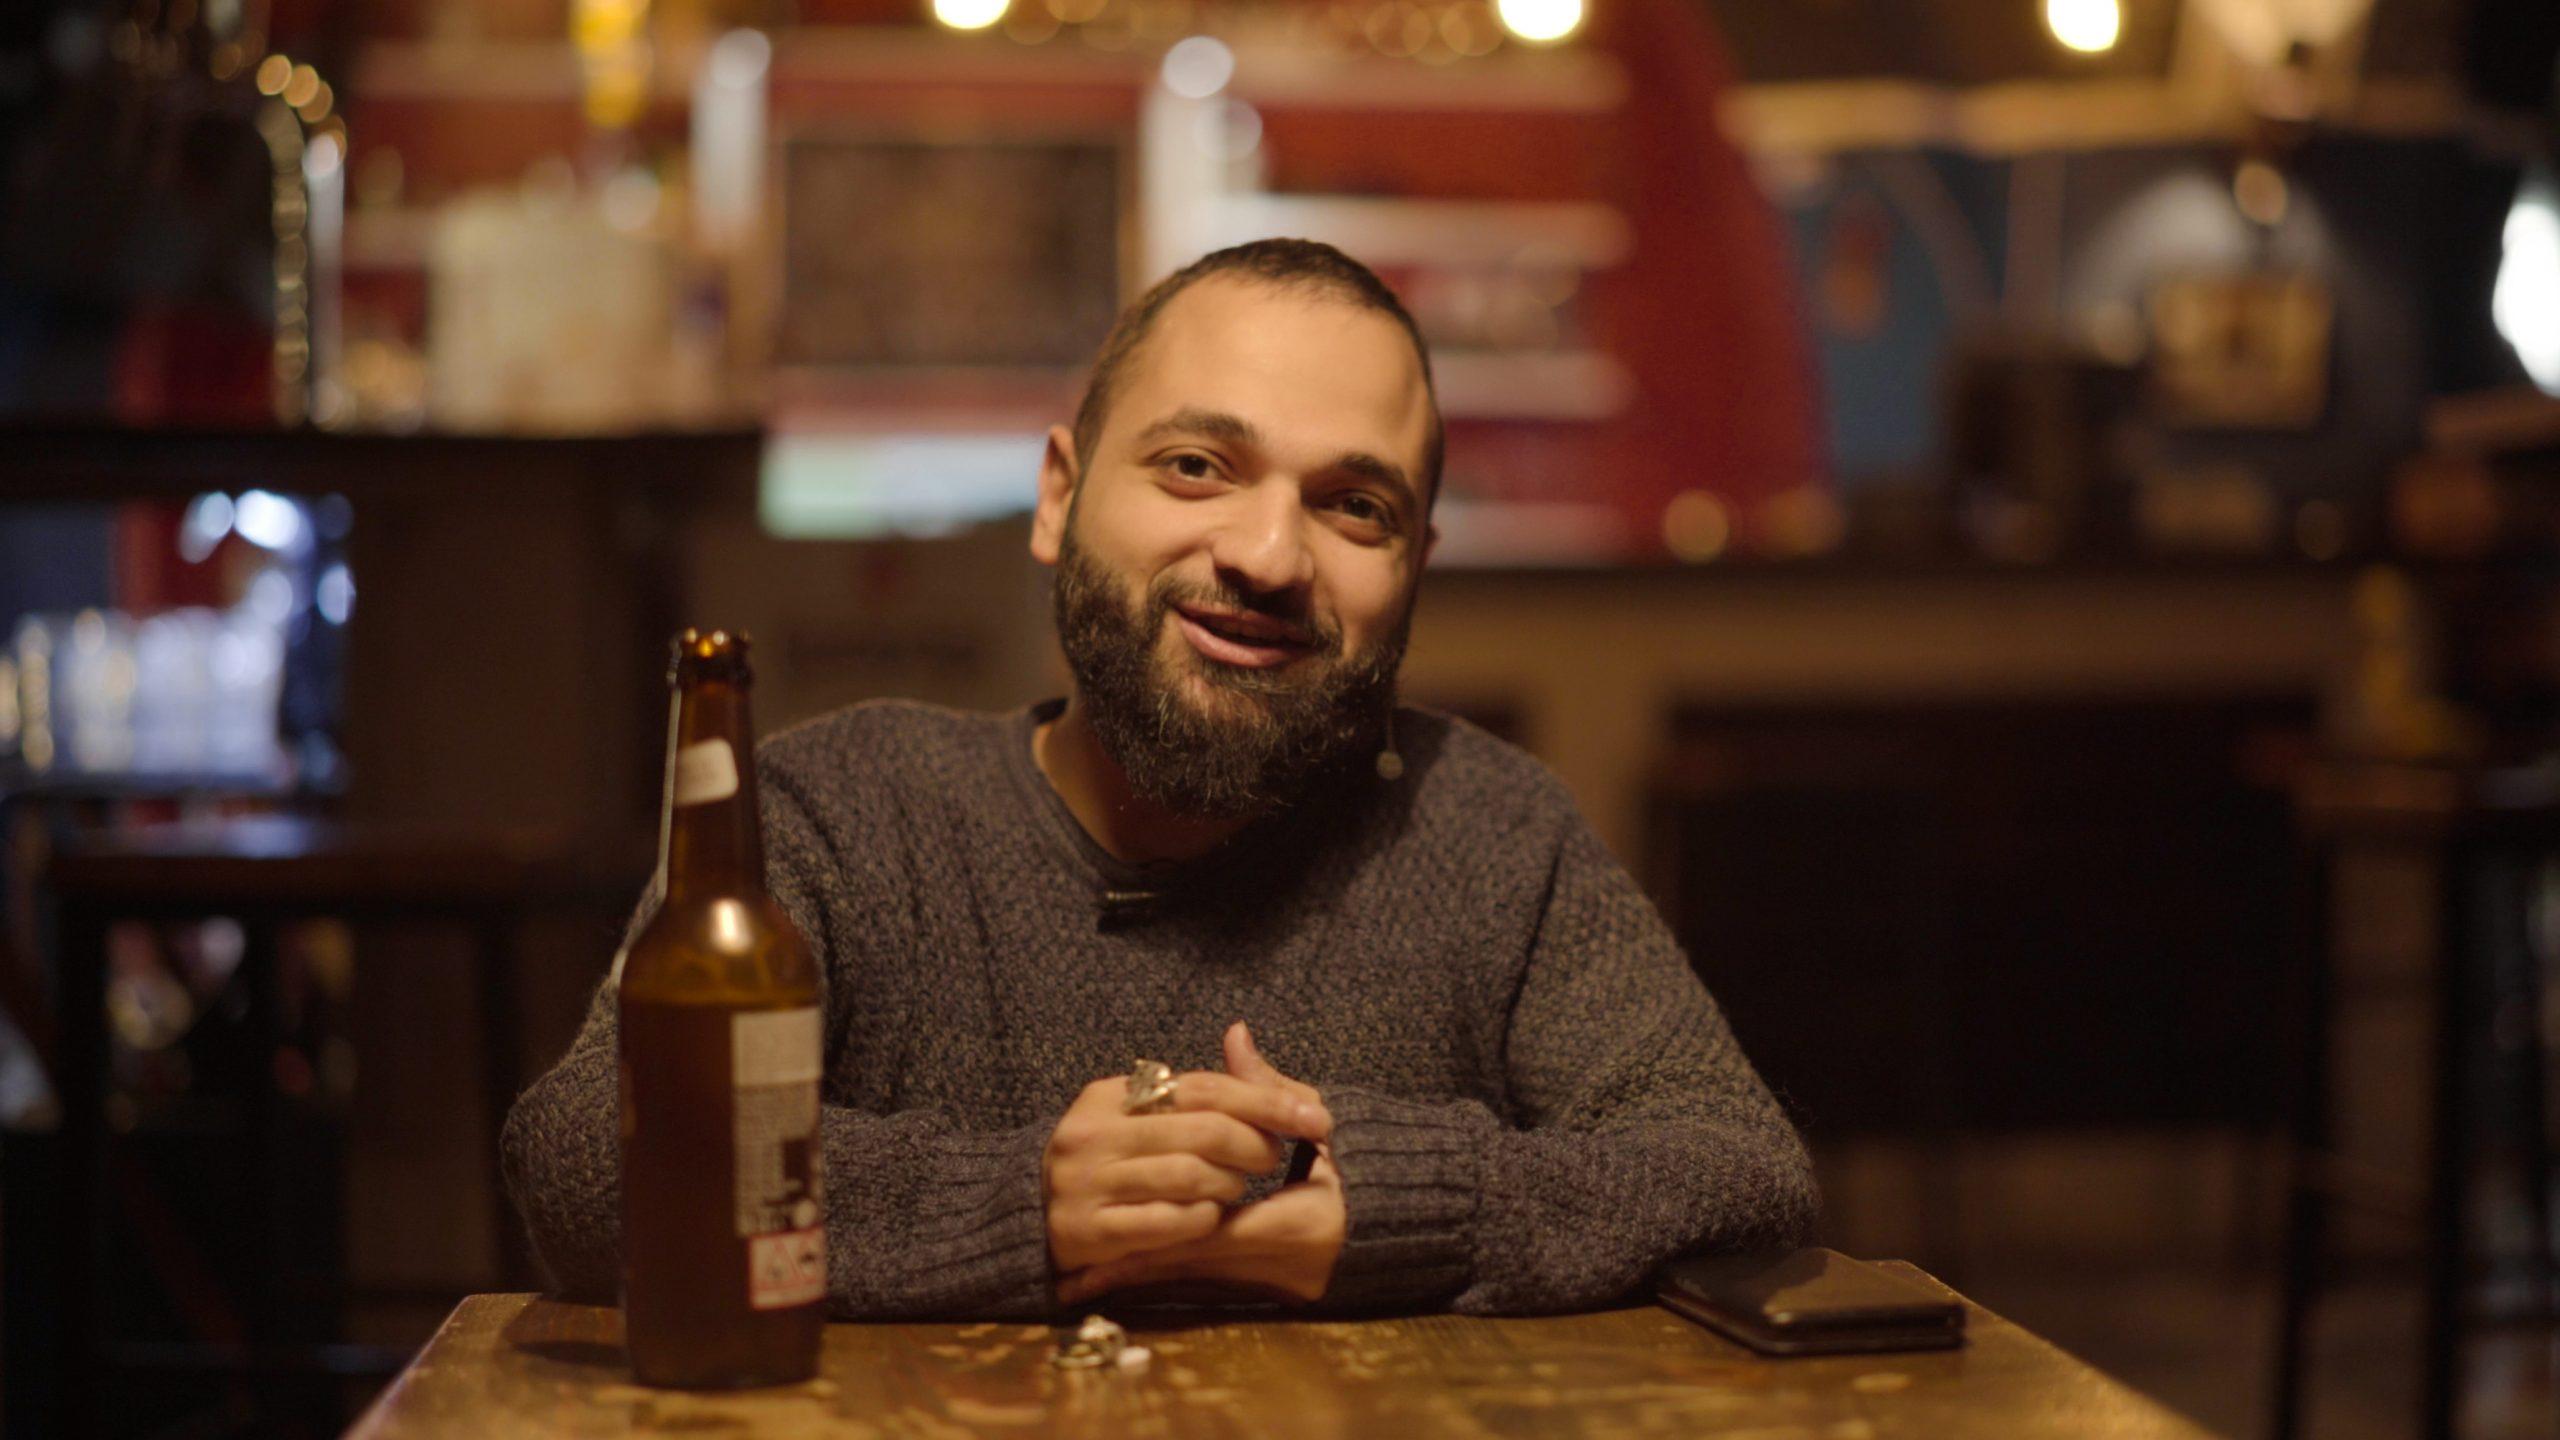 Murad Mammadov